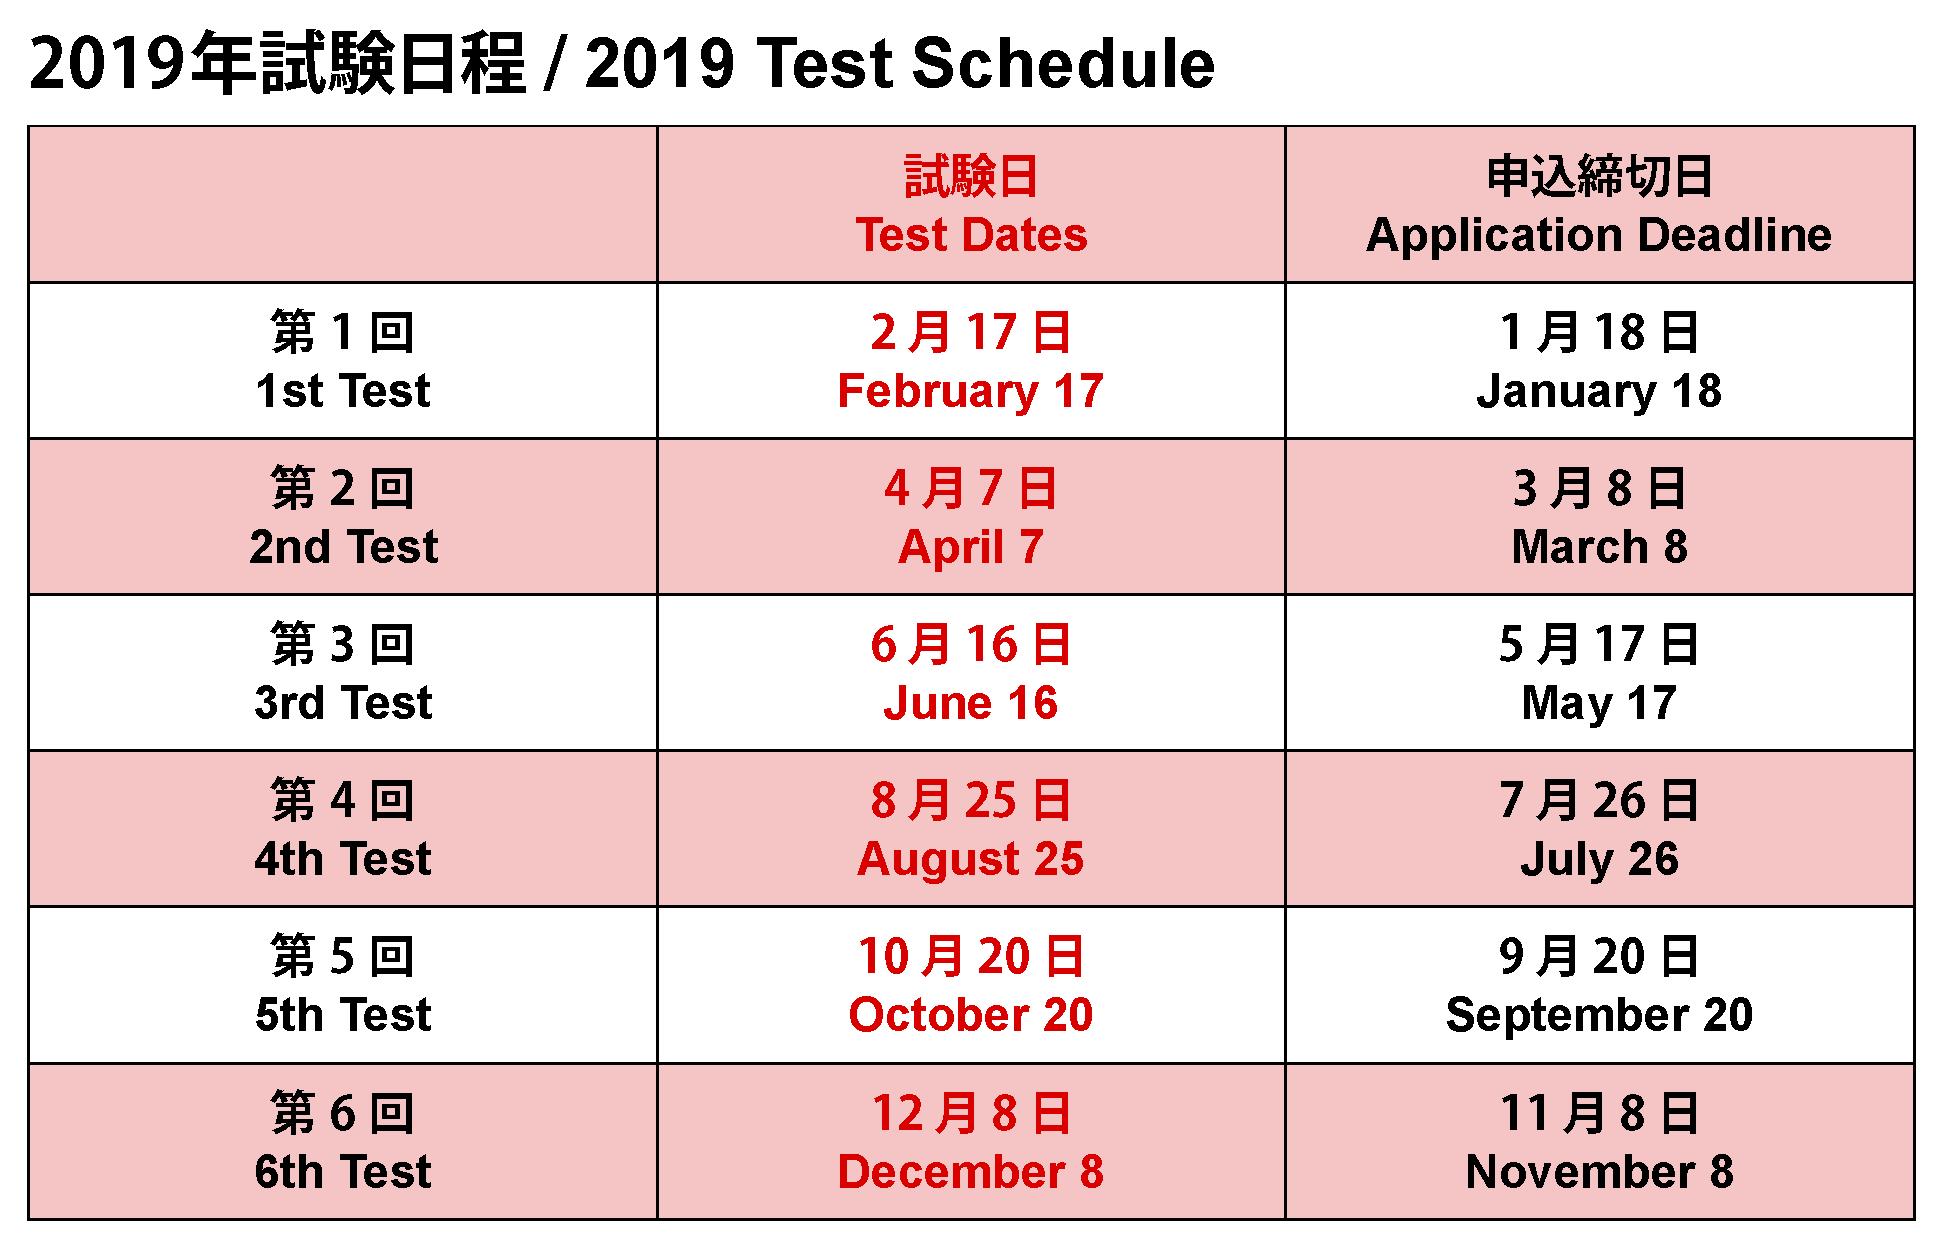 testschedule